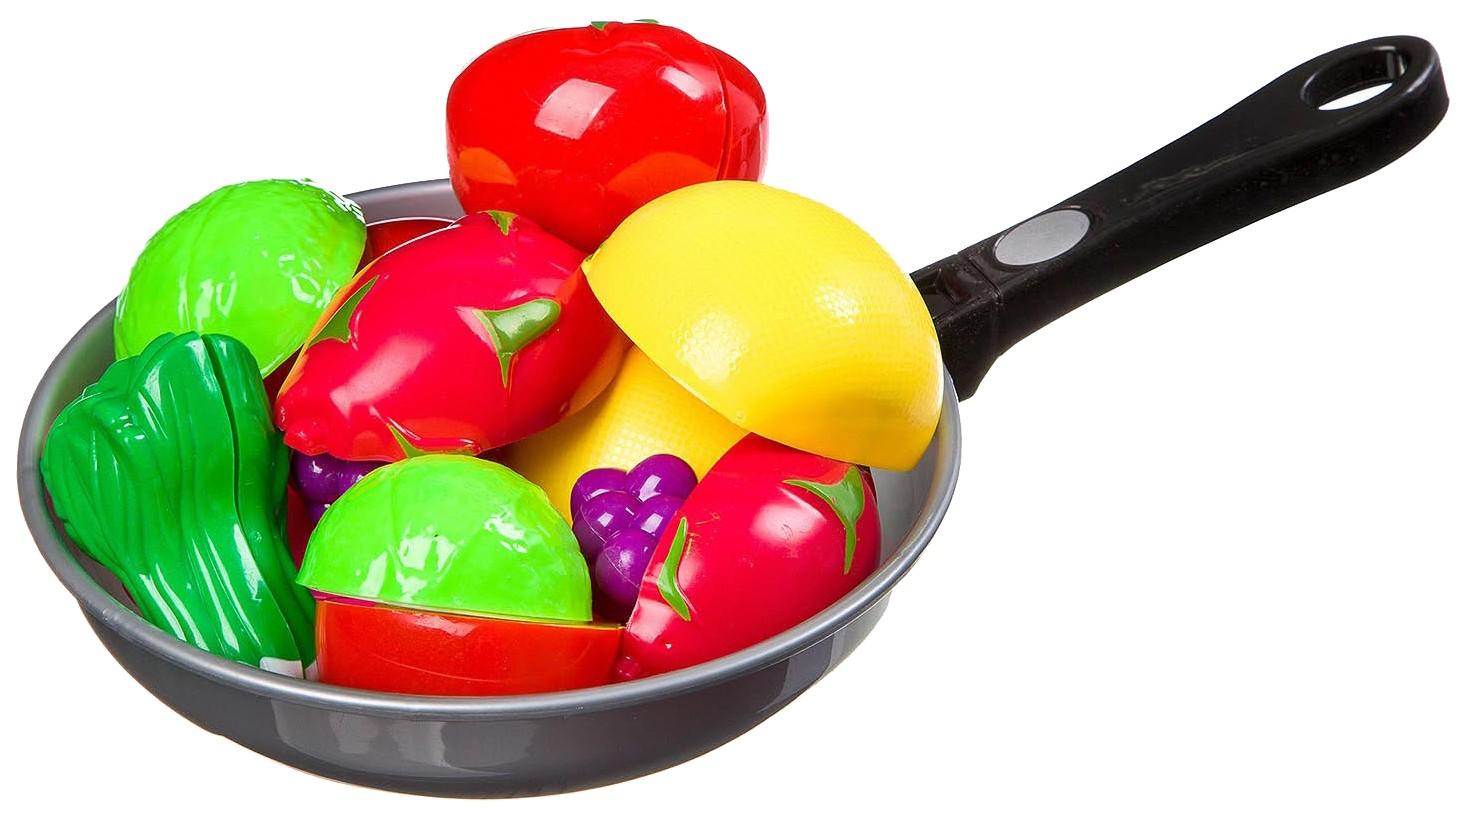 Купить Набор сковородка с овощами на липуч. в сетке 31х19 см, арт. 3013C., Shenzhen Toys, Игрушечные овощи